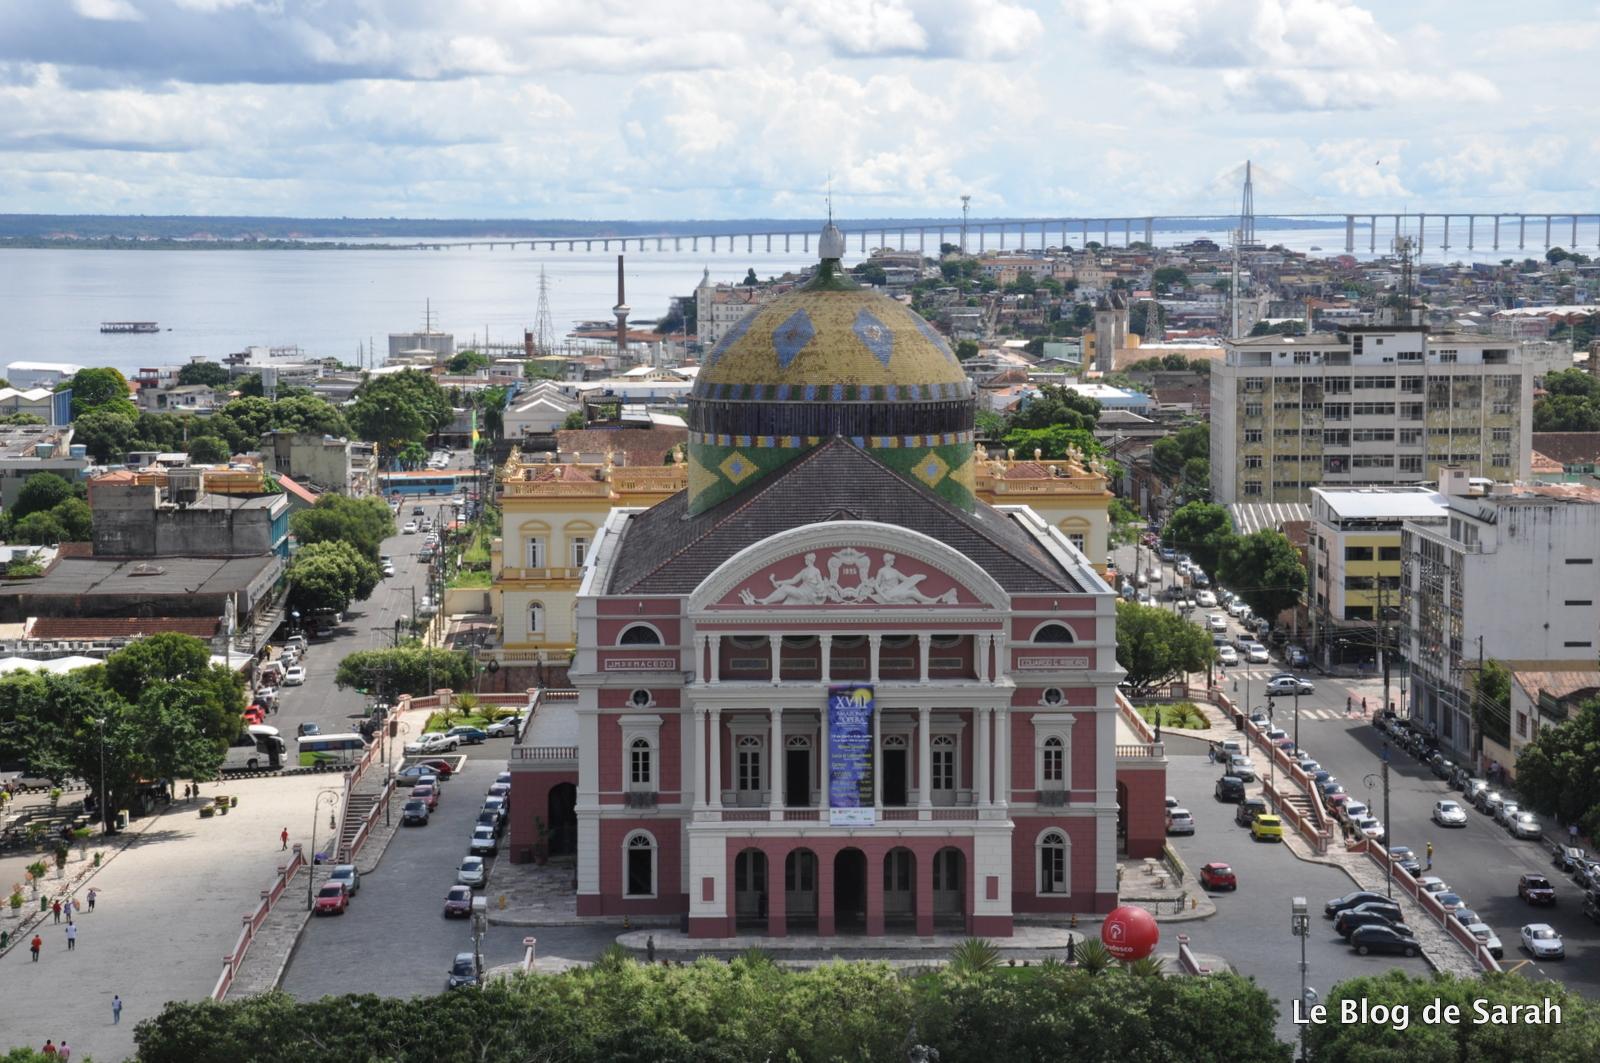 Vue sur Manaus avec l'Opéra et au loin le Pont du Rio Negro